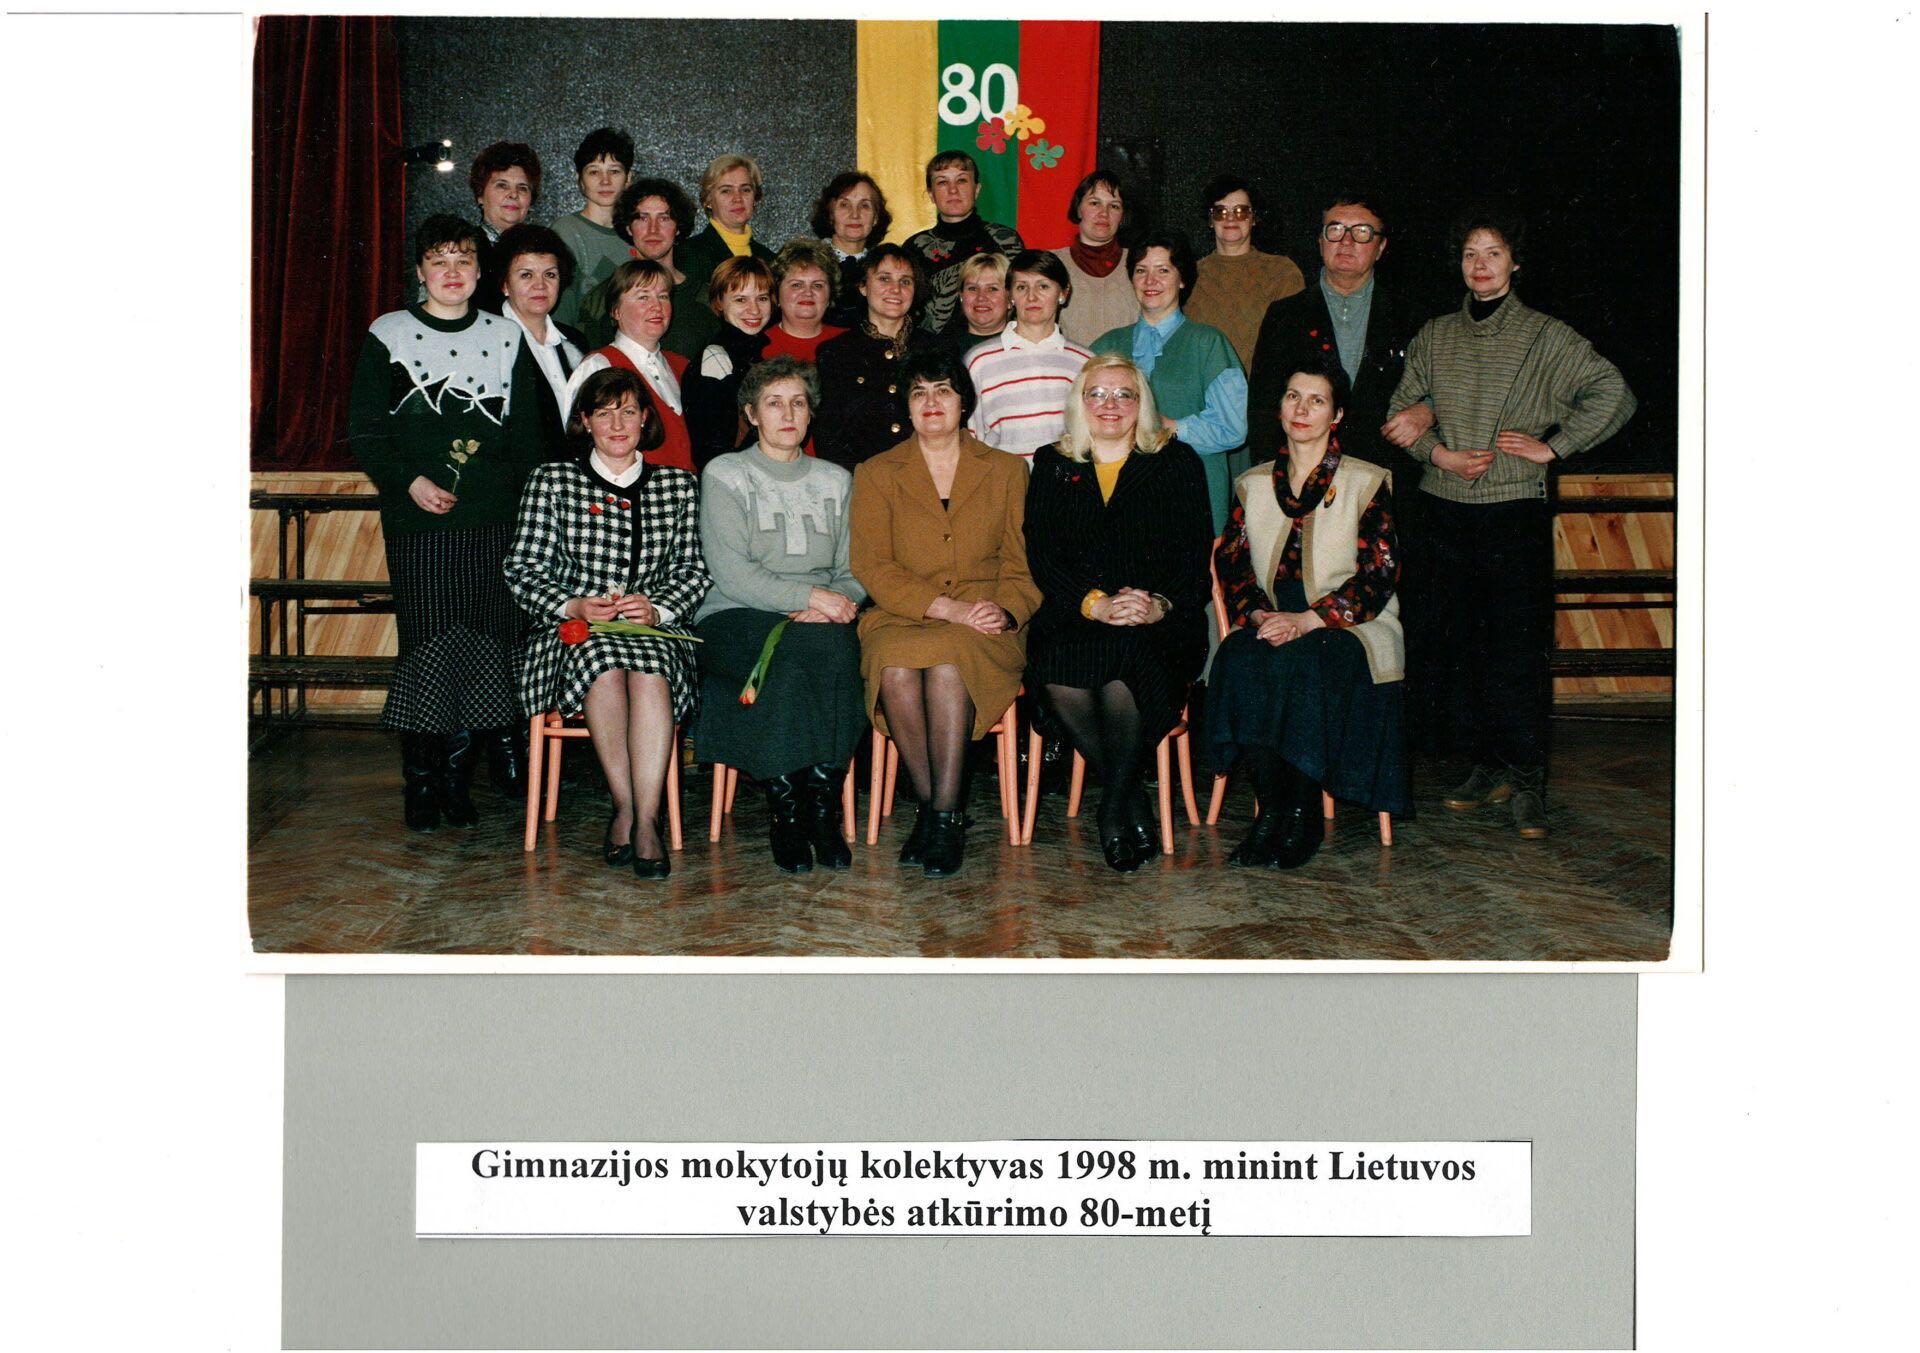 Gimnazijos mokytojų kolektyvas 1998m.